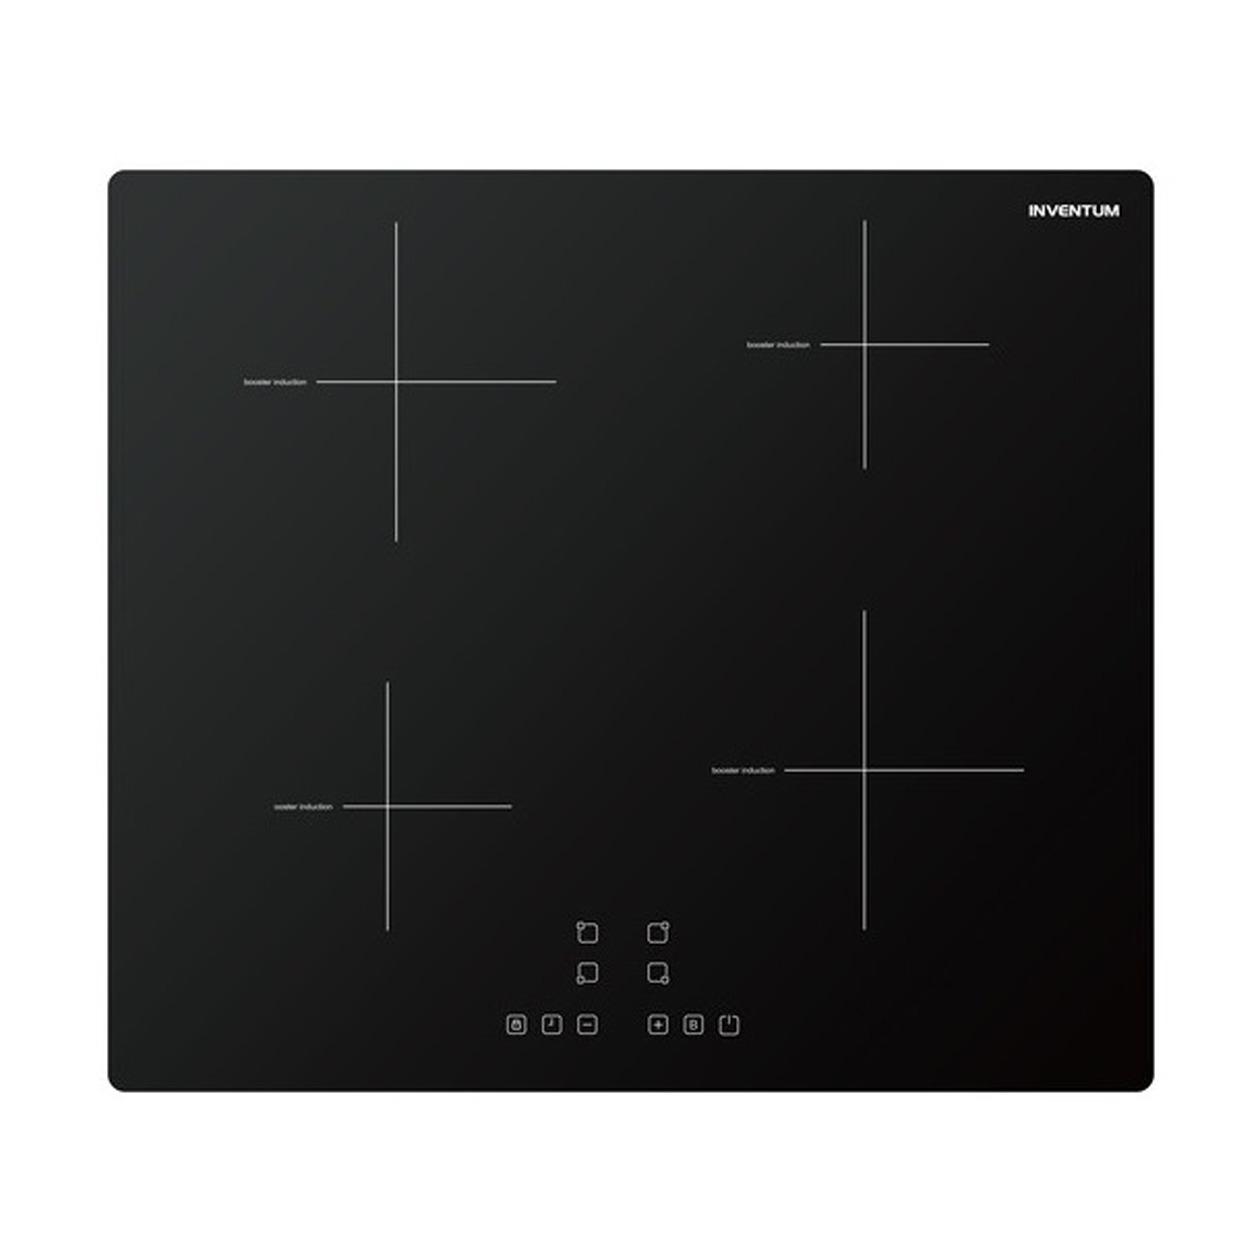 Inventum IKI6010 inductie inbouwkookplaat